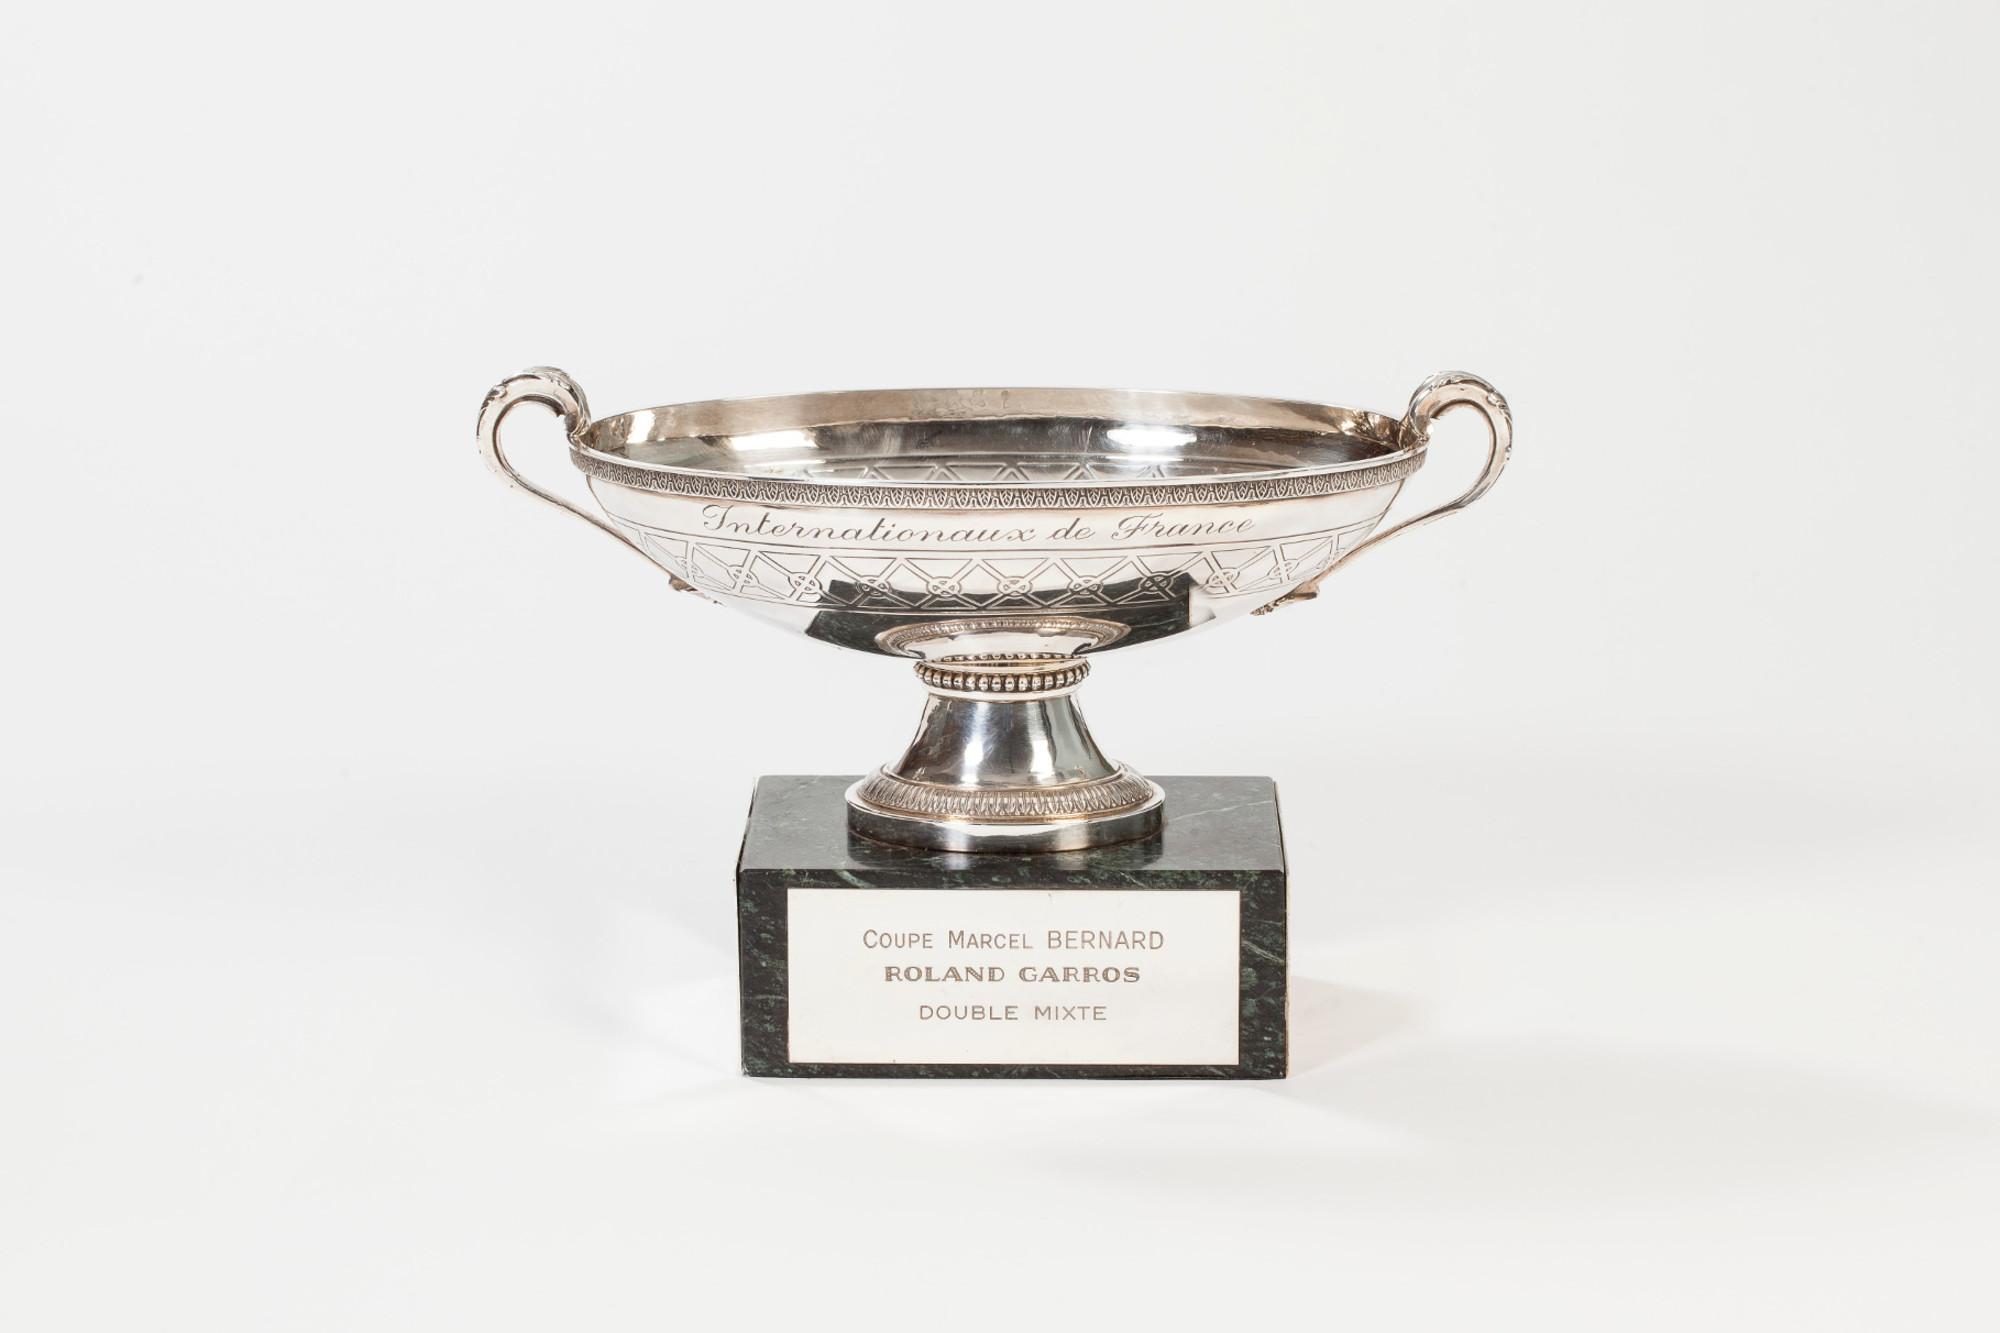 coupe Marcel-Bernard double mixte trophée Roland-Garros / Marcel Bernard's cup mixed doubles Roland-Garros trophy.